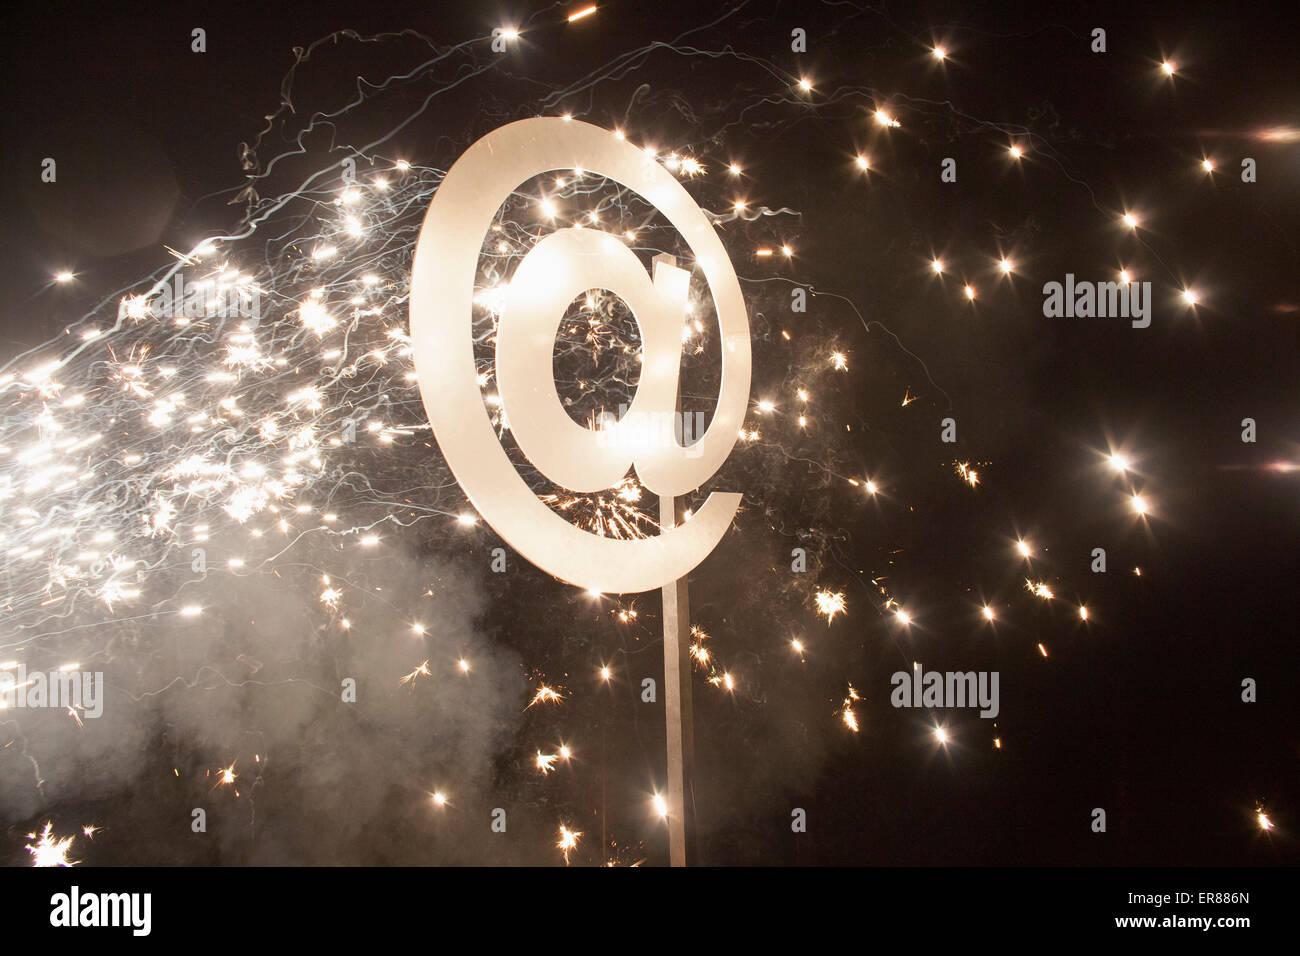 Illuminata di simbolo con fuochi d'artificio di notte Immagini Stock